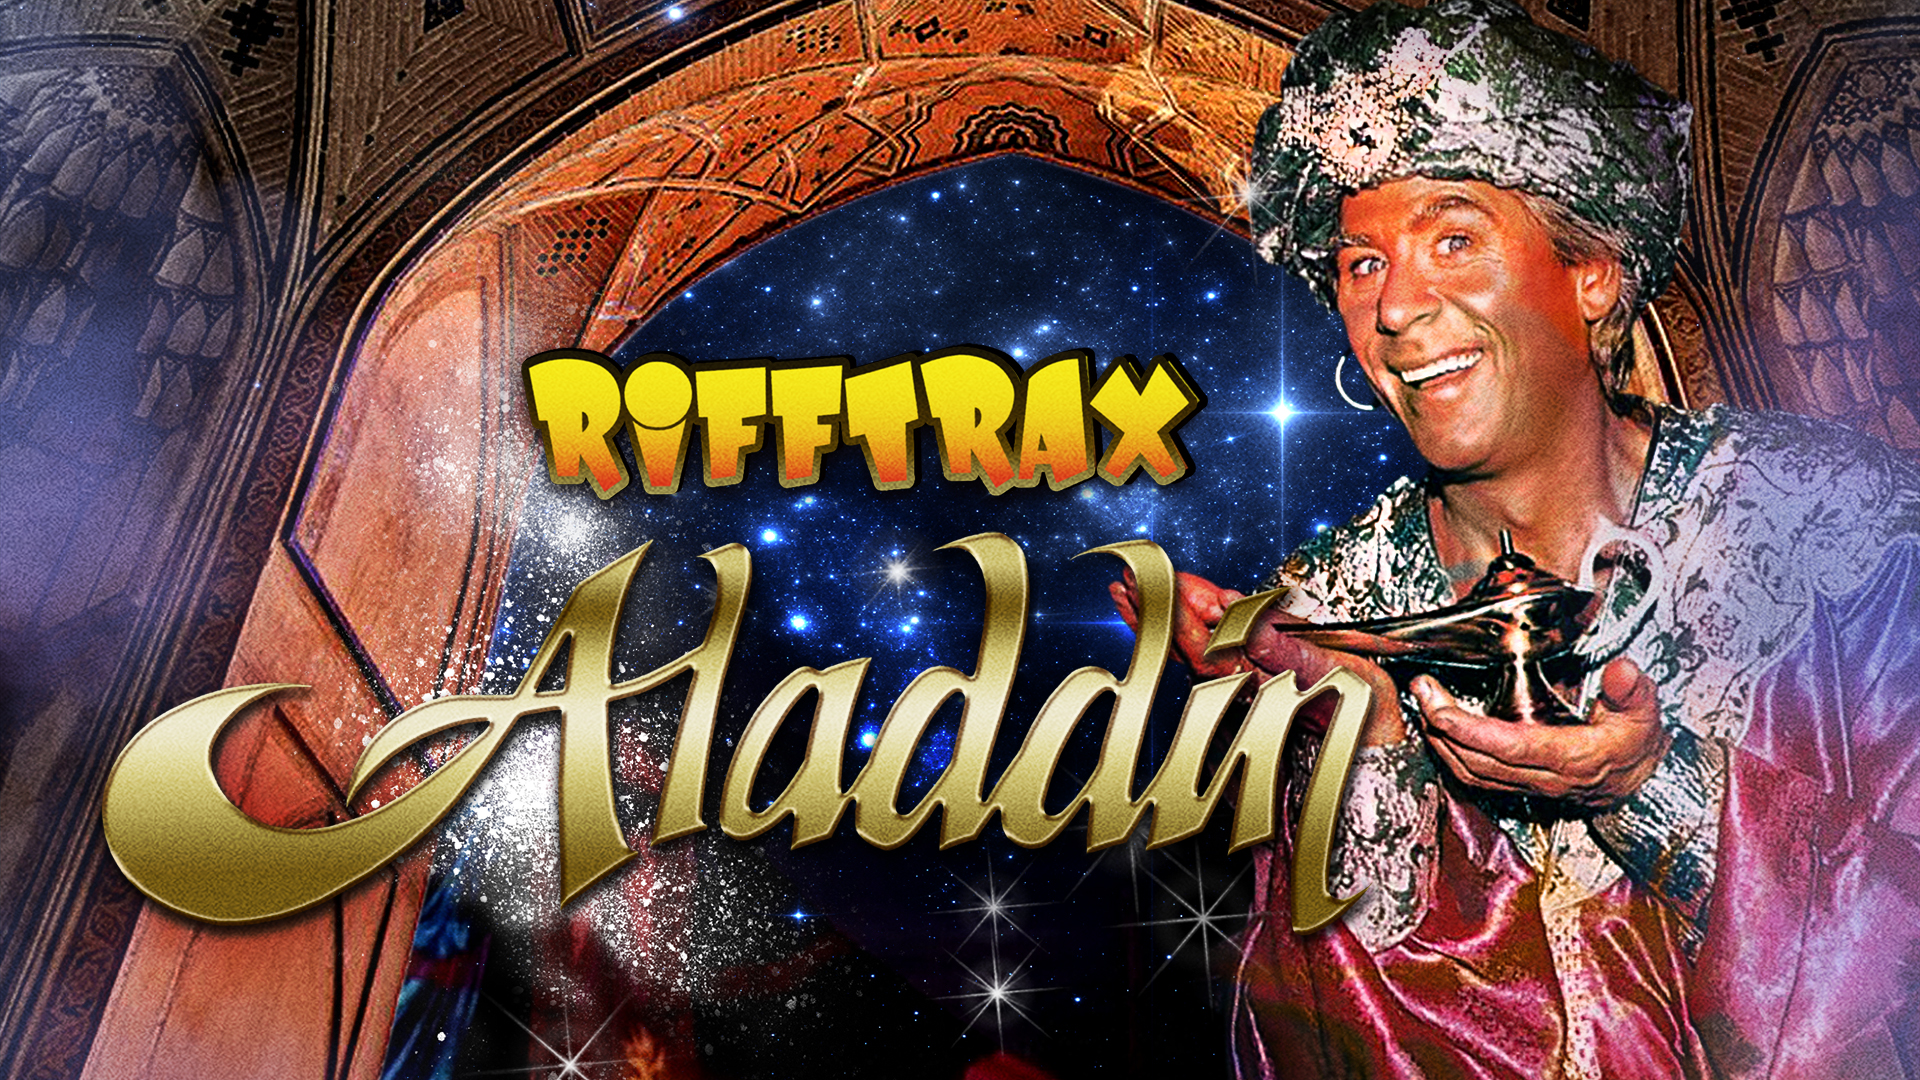 RiffTrax: Aladdin